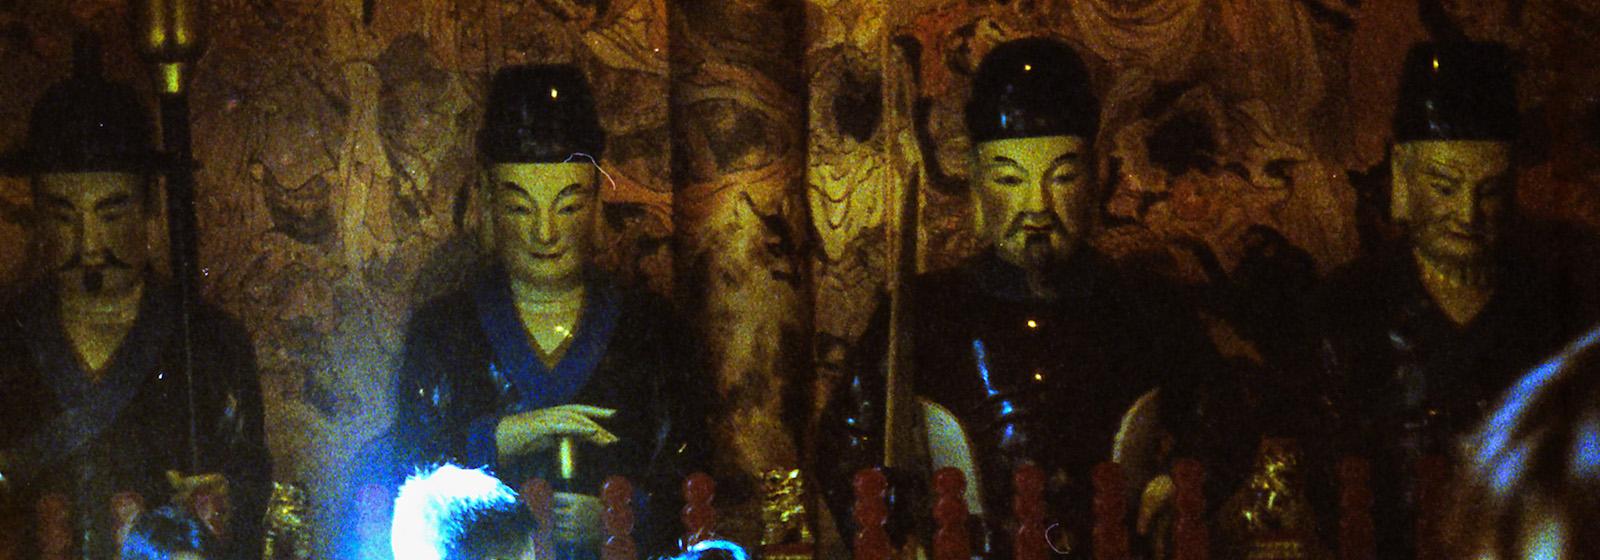 Храм городского божества — сердце Шанхая